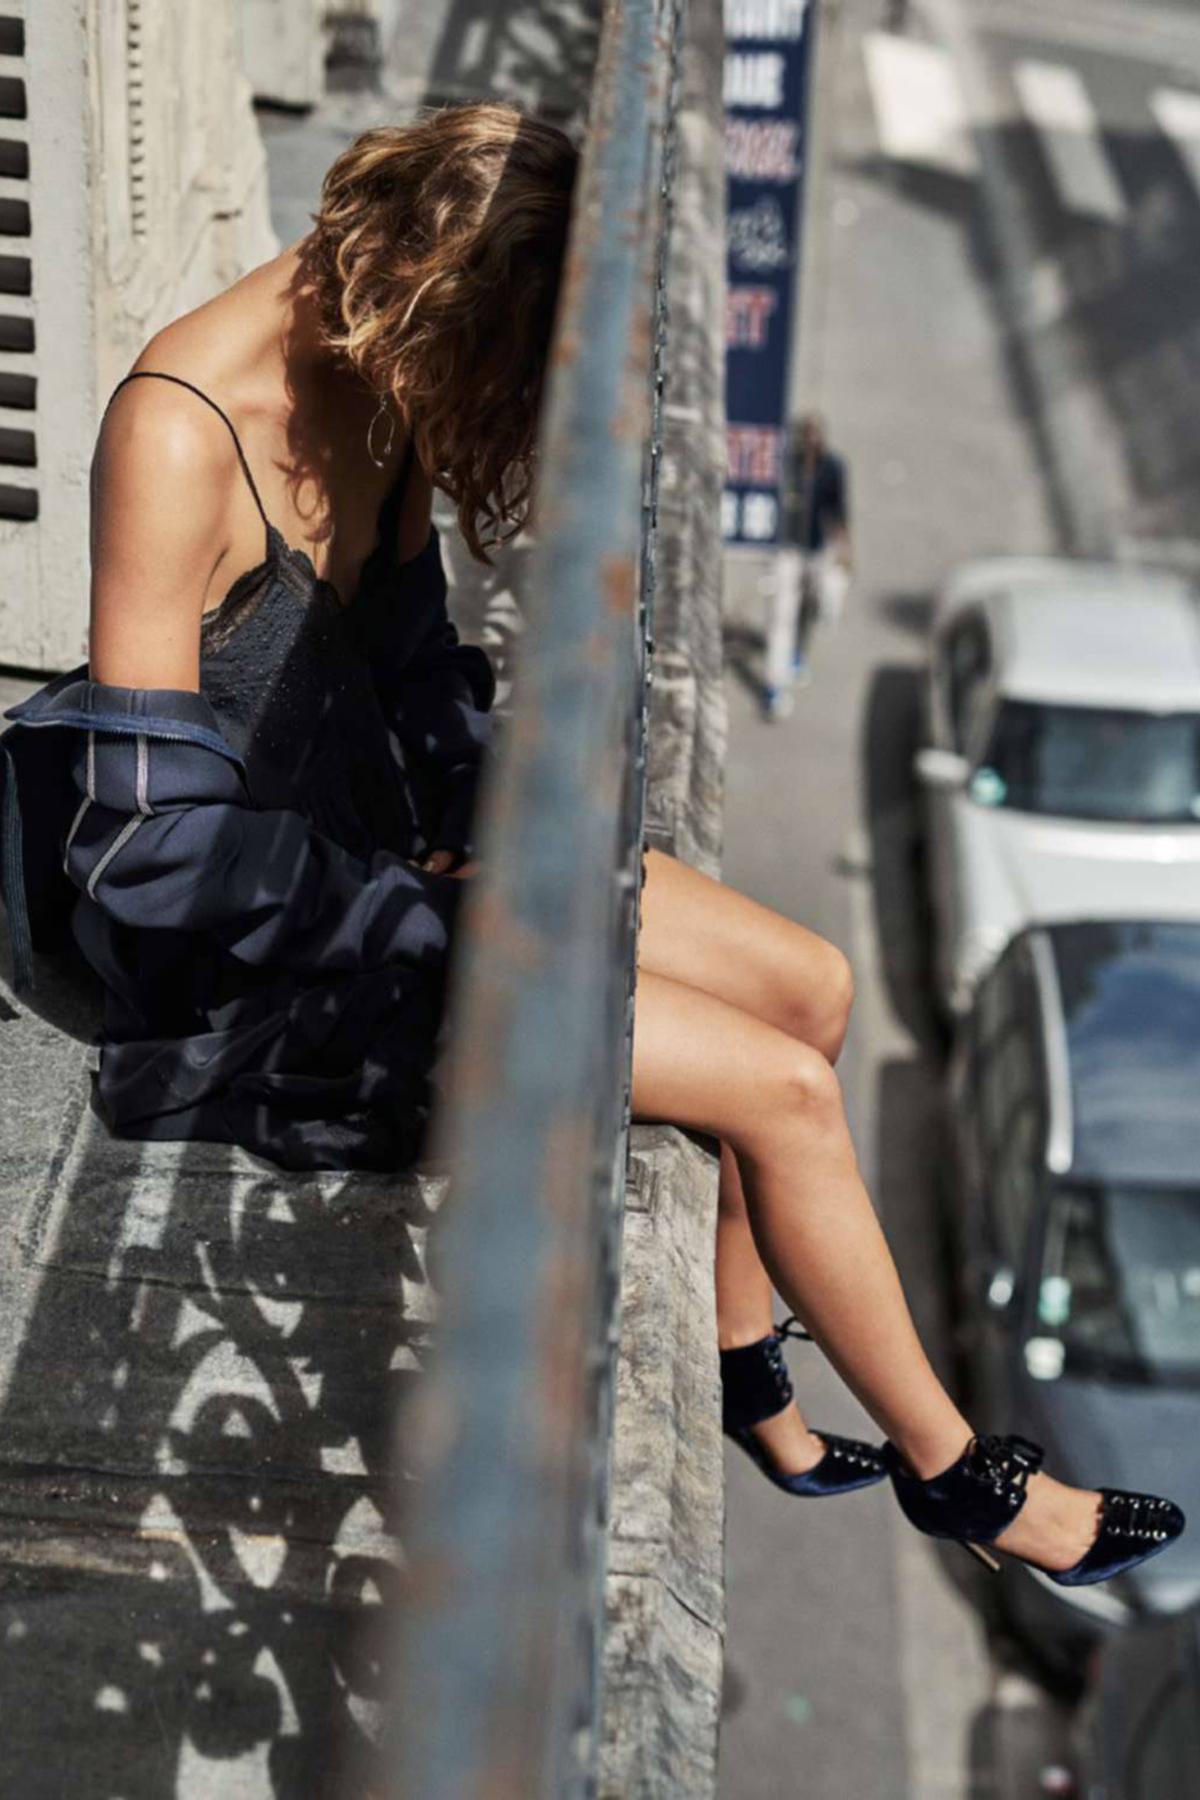 """куртка на молнии из неопрена,  шелковая комбинация, Zadig & Voltaire; серьги из металла и горного хрусталя, Louis Vuitton; босоножки """"Mari"""",  Jimmy Choo"""